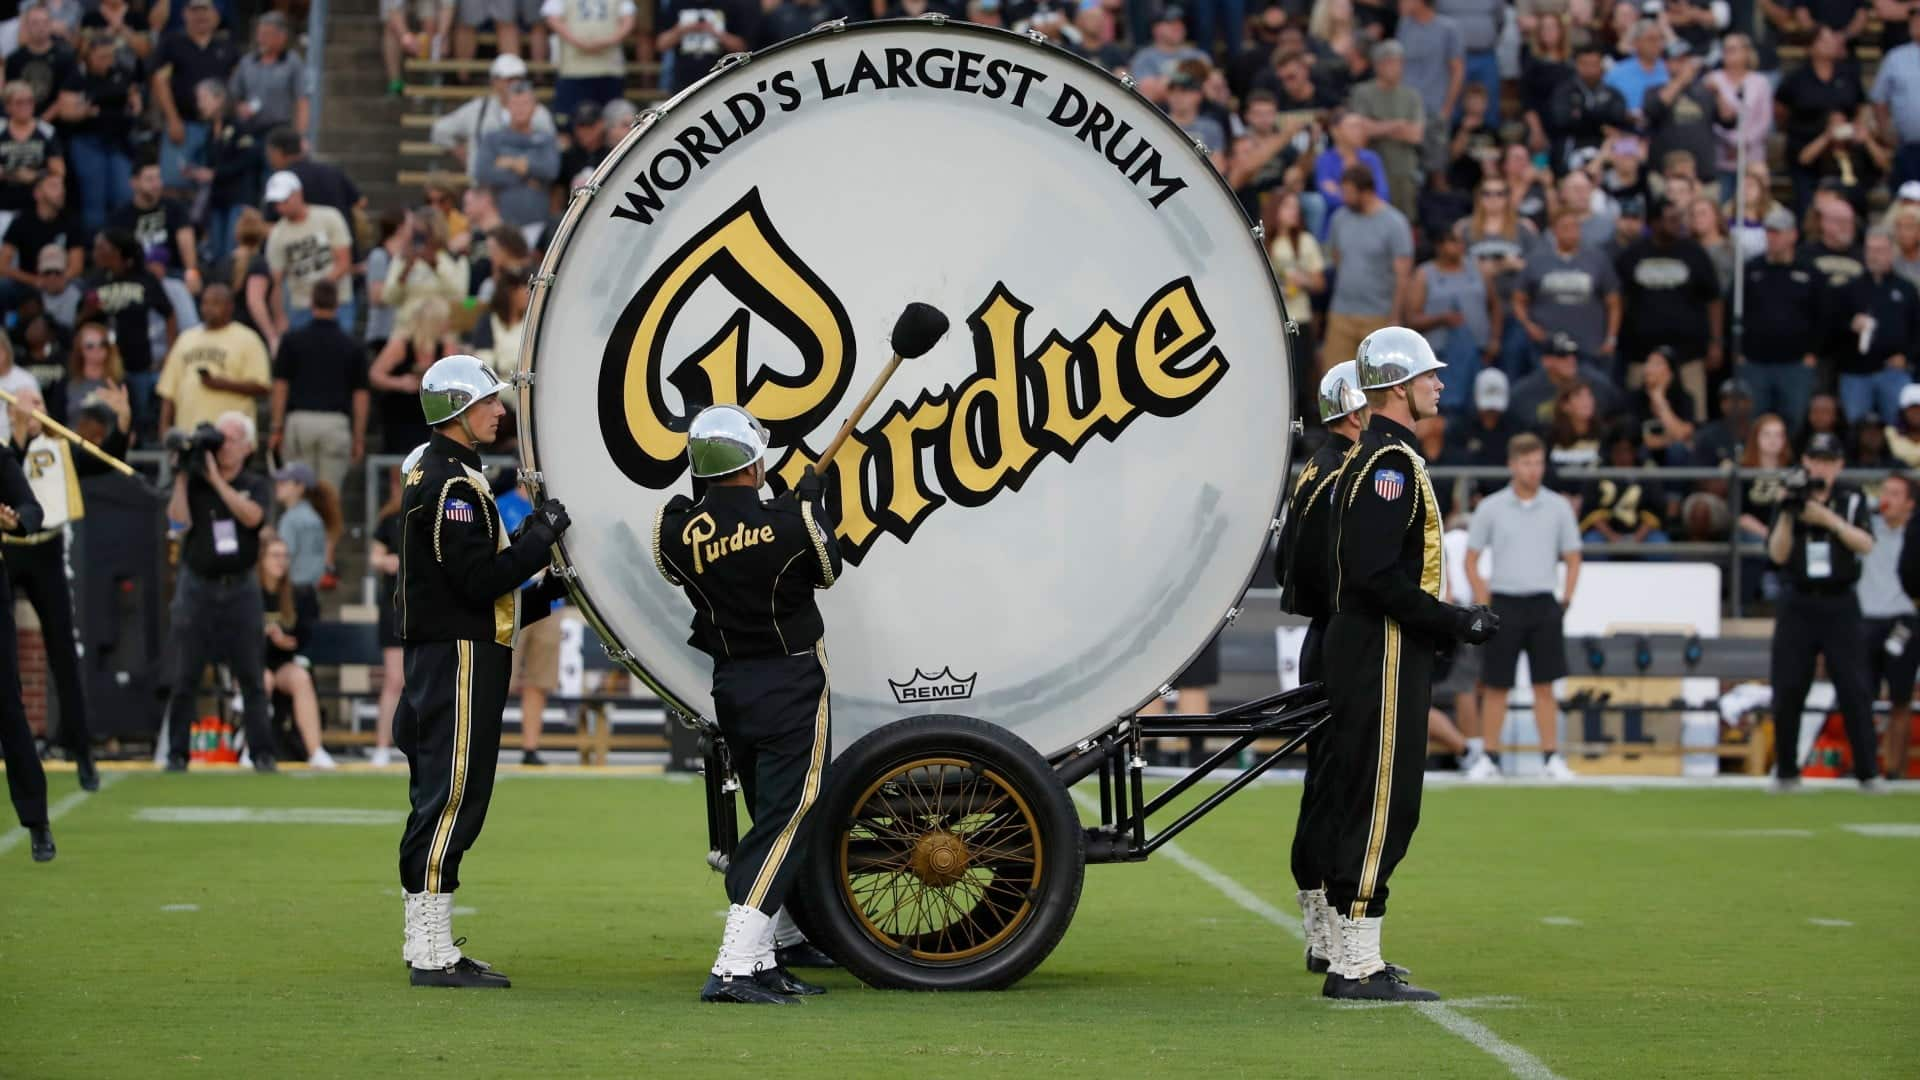 El tambor mas grande del mundo de la banda Purdue